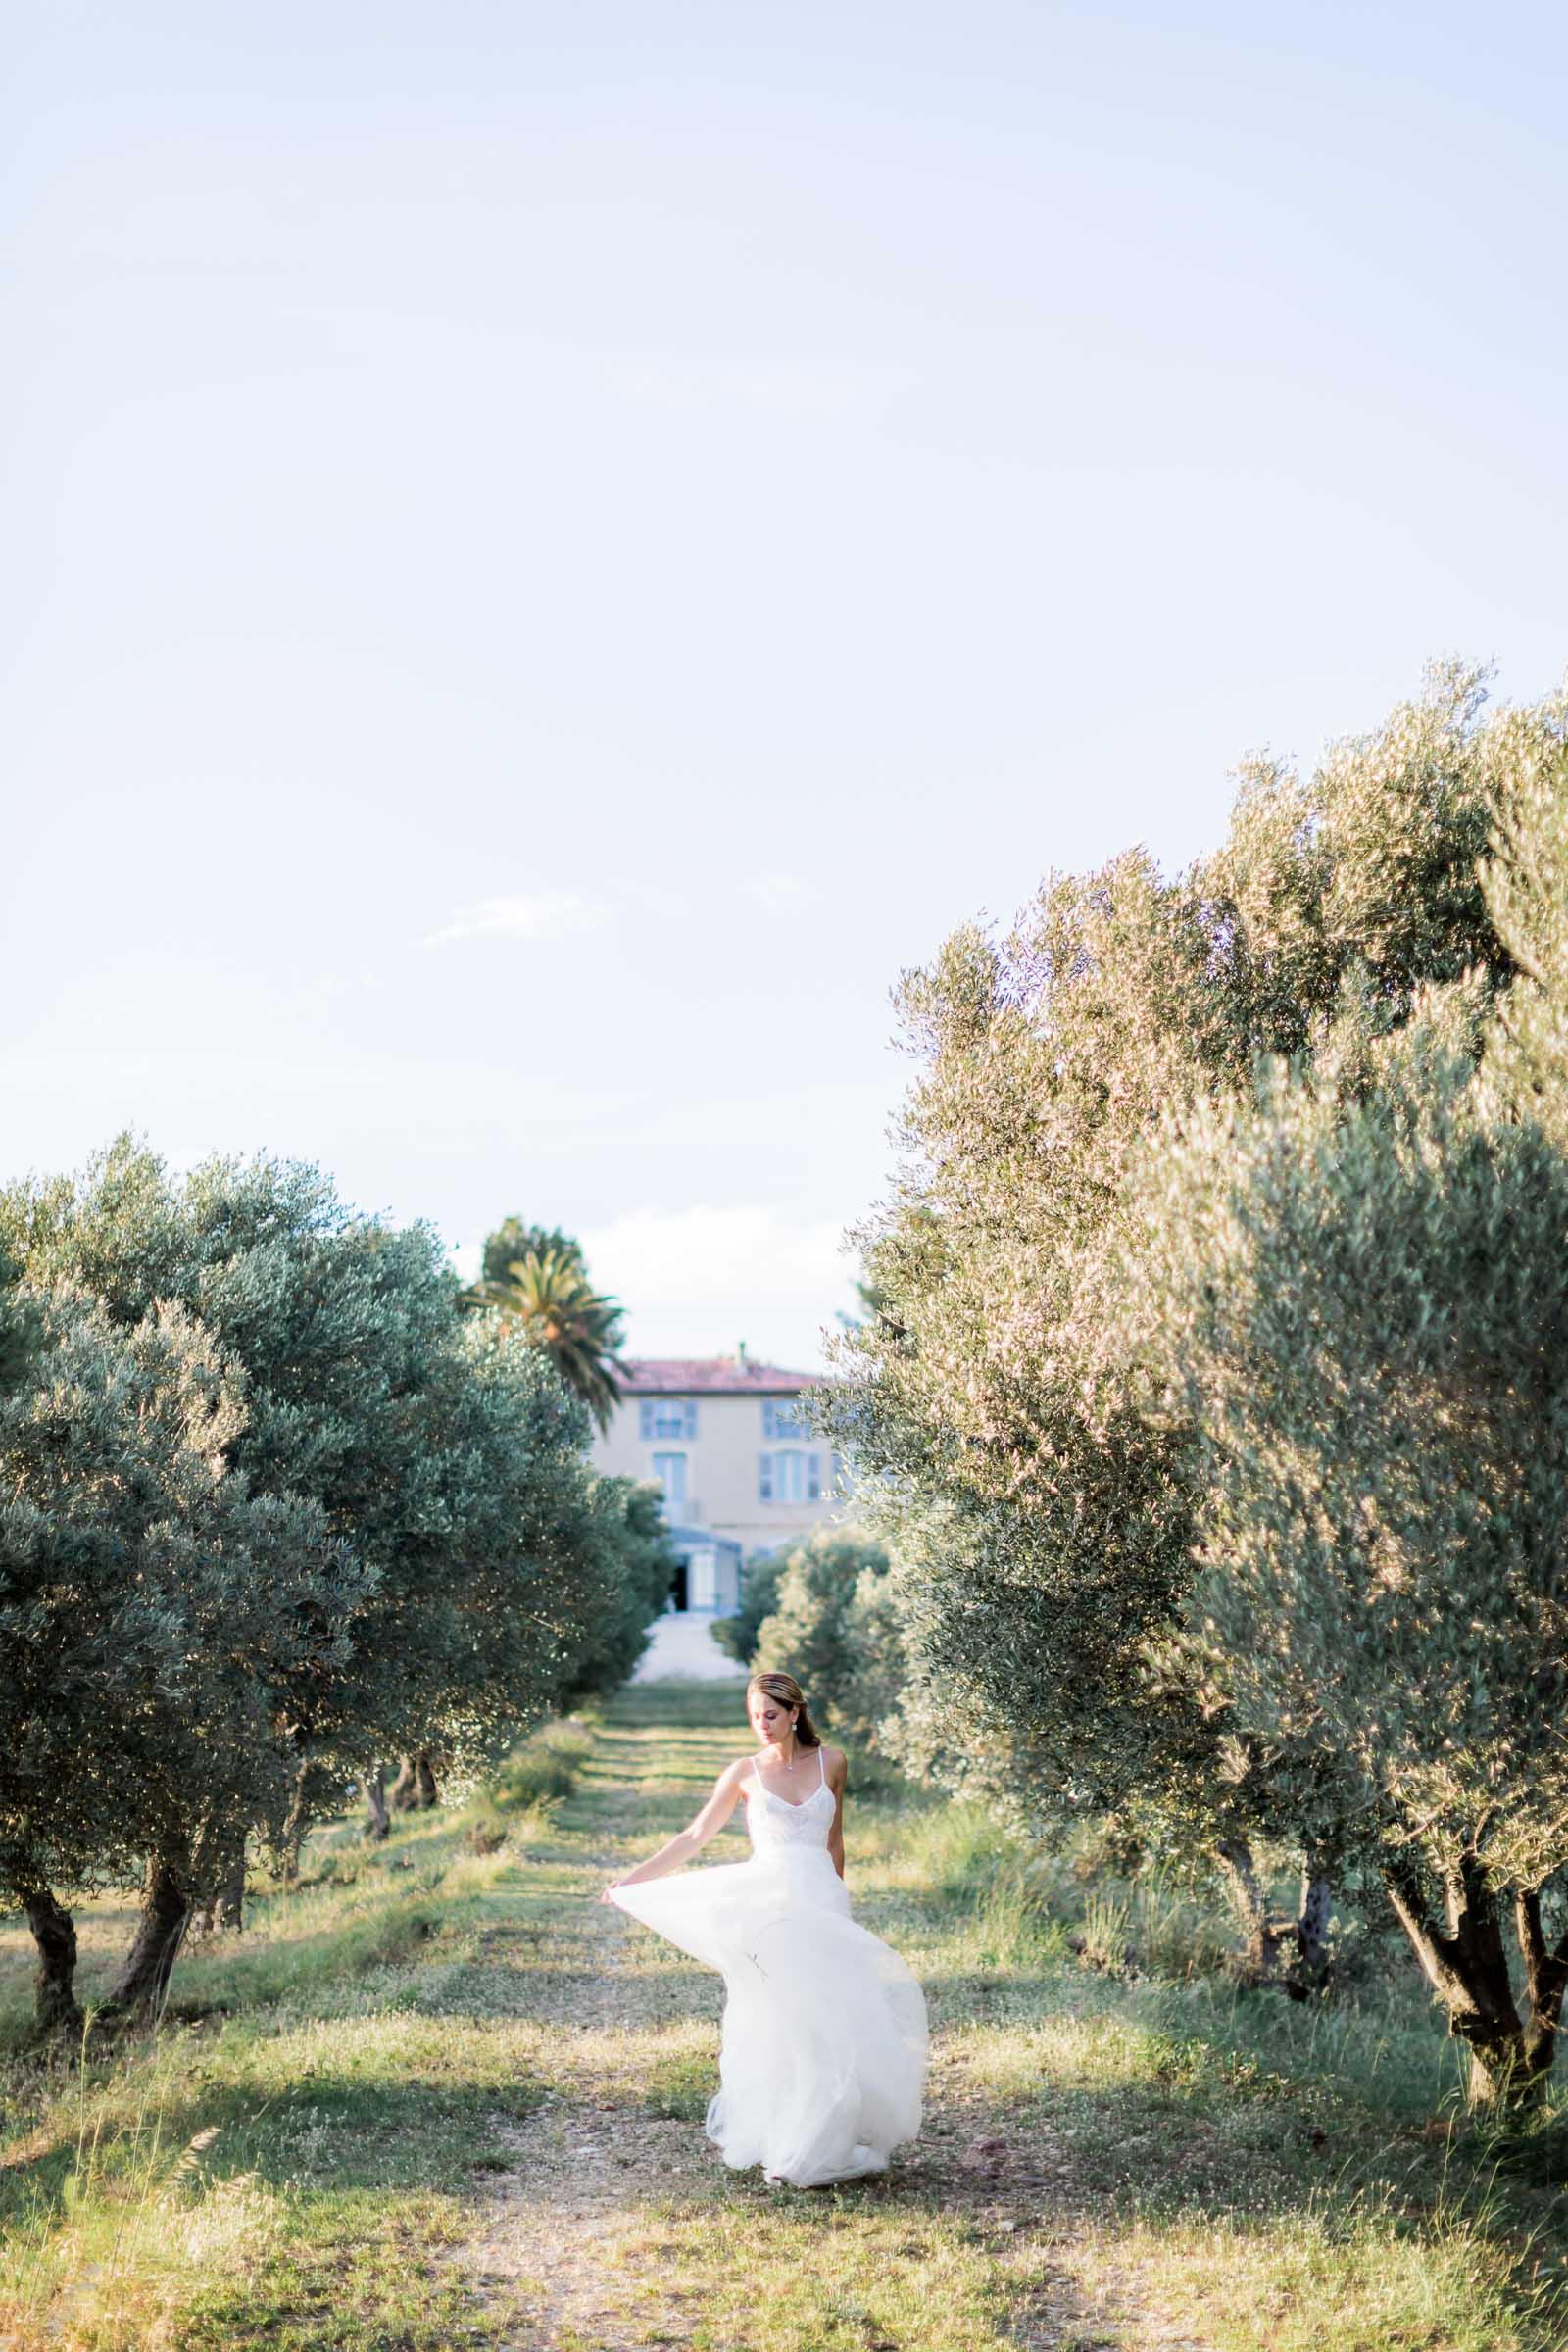 Photographie de Mathieu Dété présentant la mariée dans les jardins d'oliviers de la Villa Brignac à Ollioules